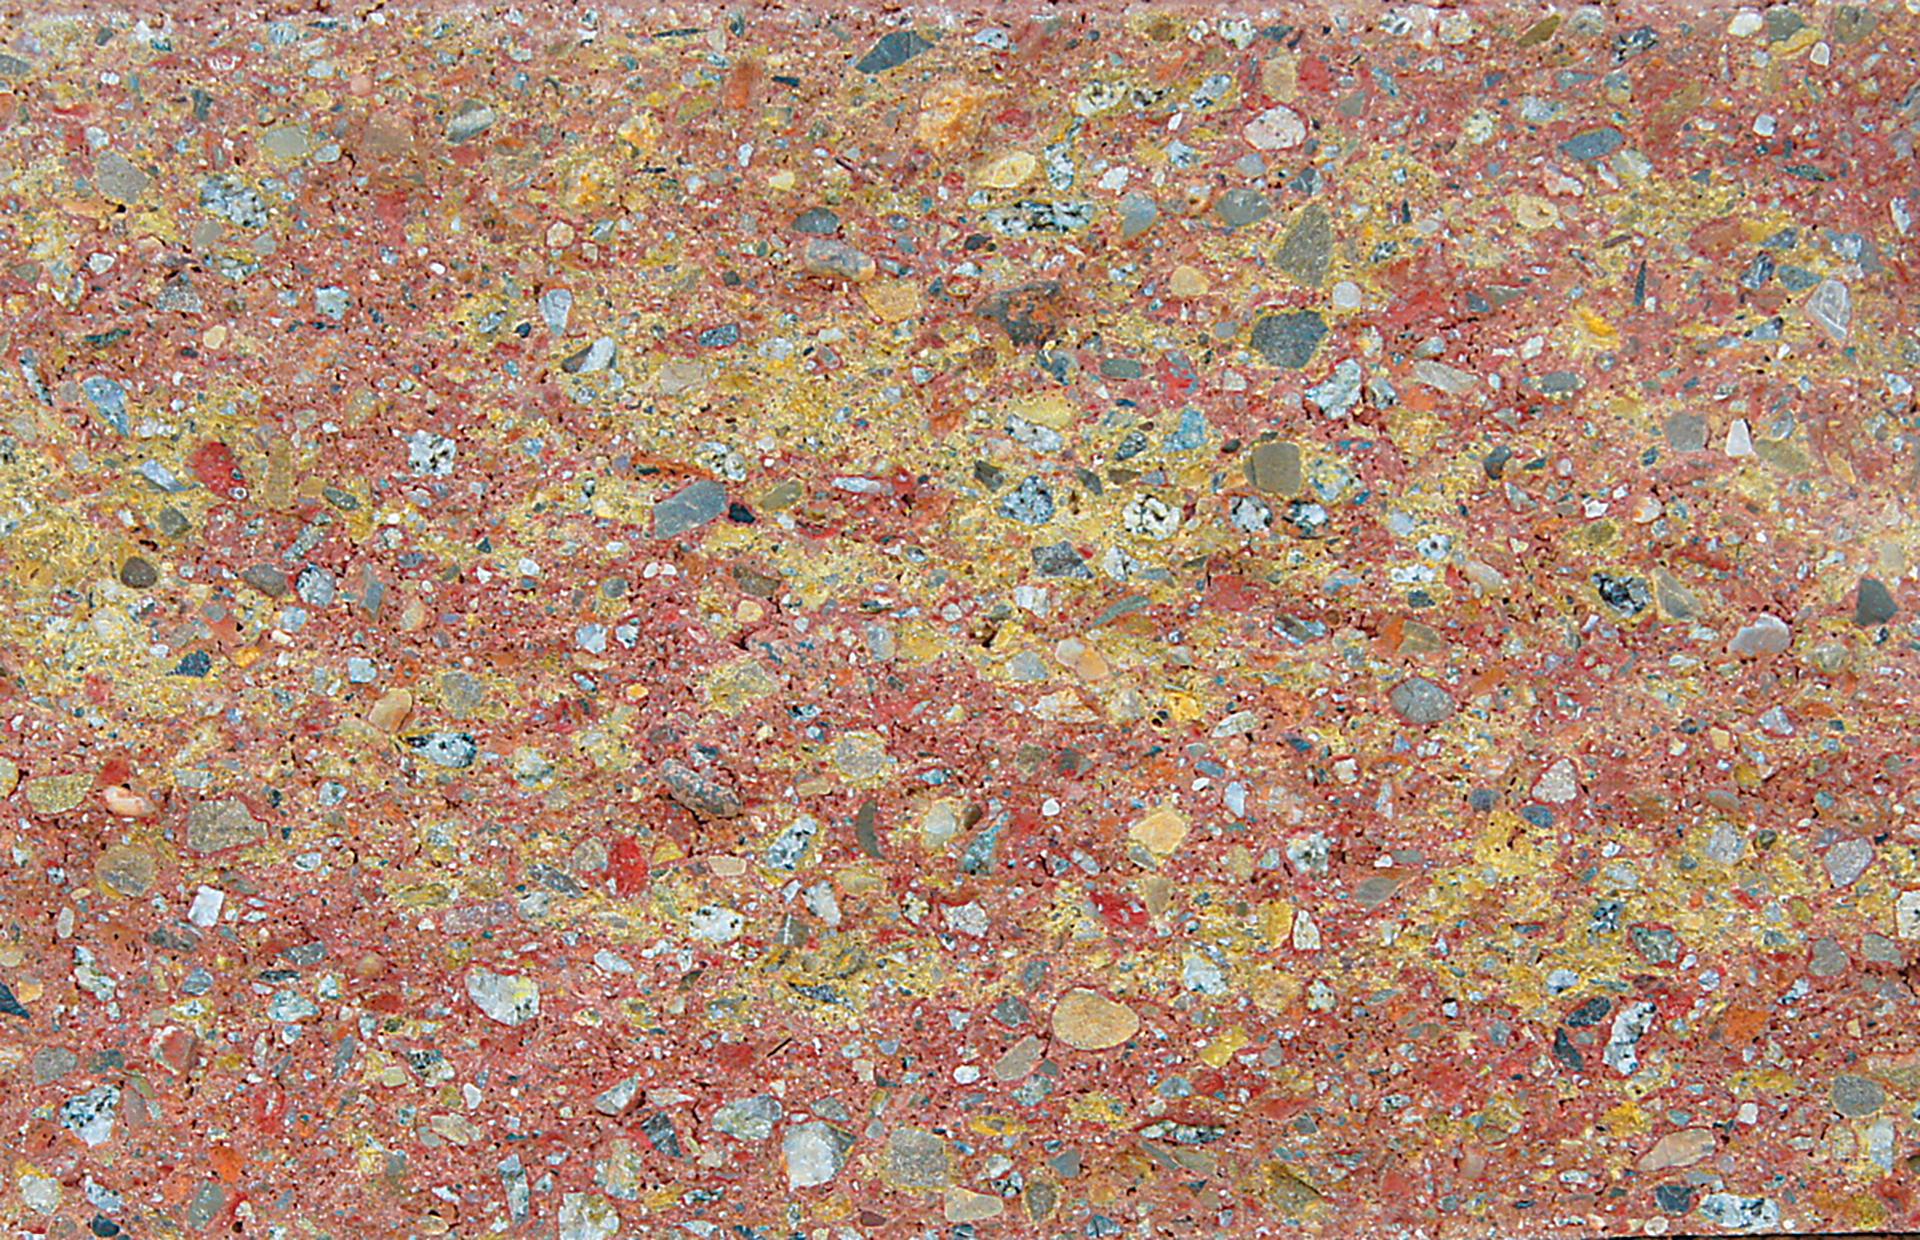 Farby jesene lámaný kameň